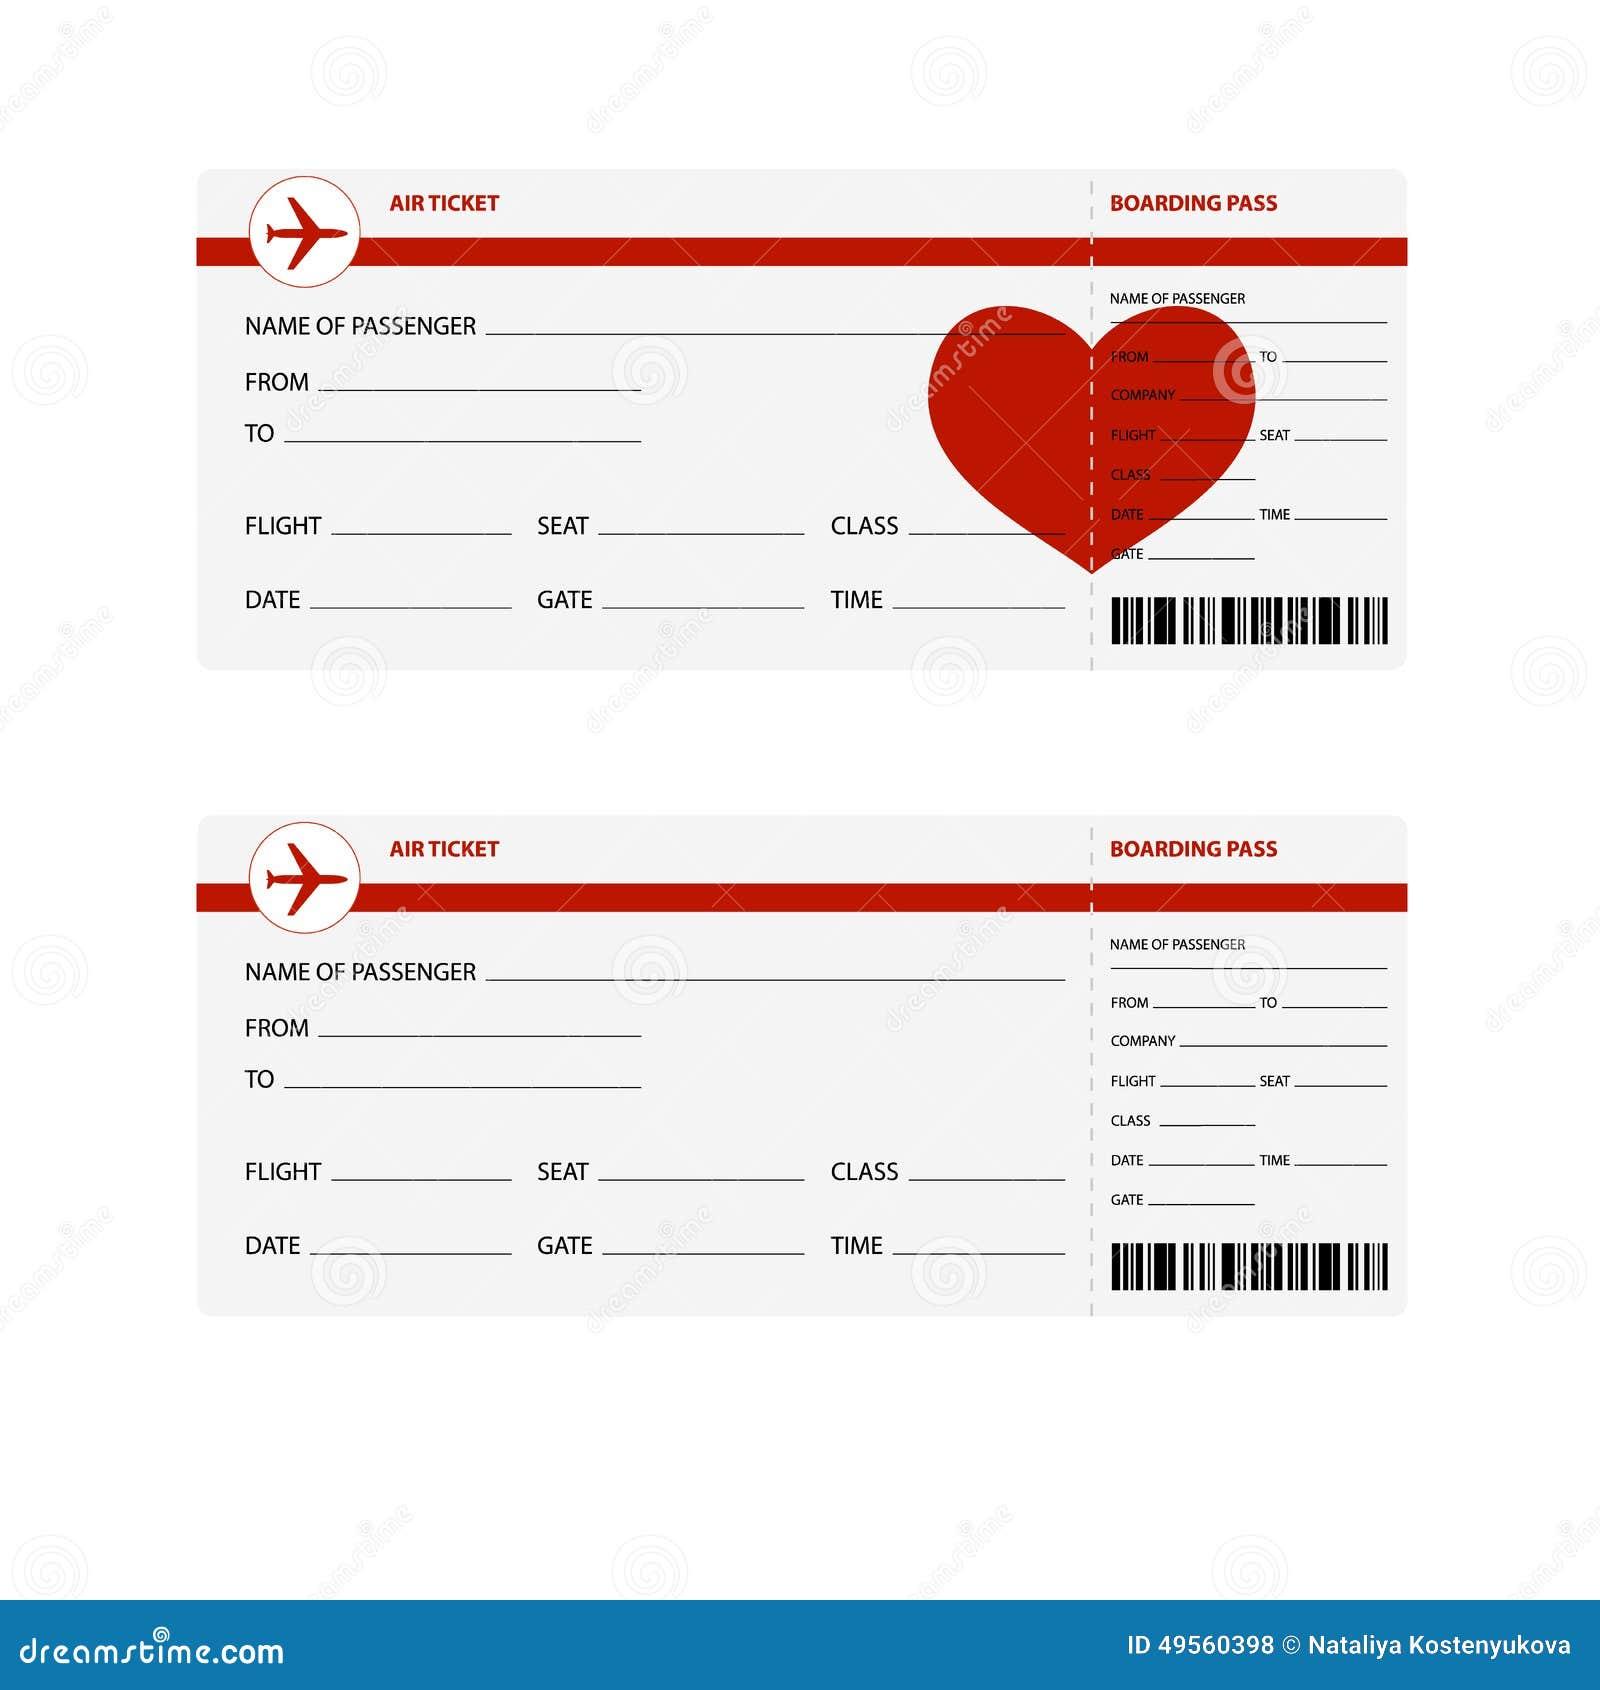 biglietti di aereo